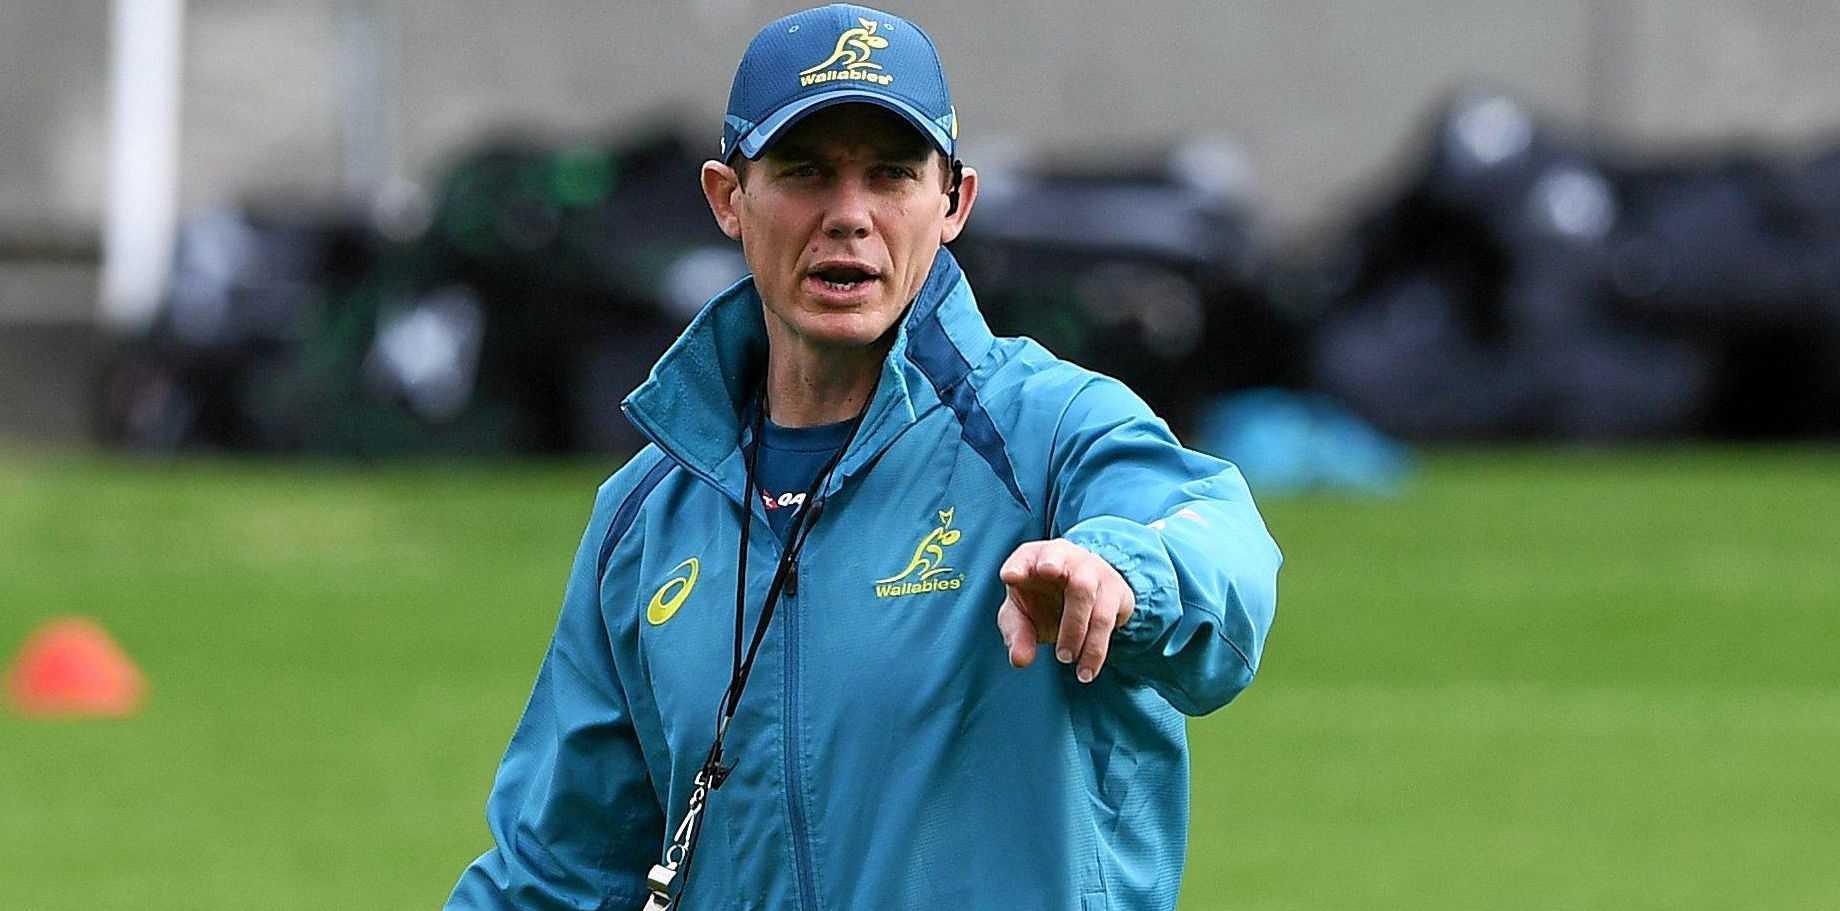 Former Wallabies attack coach Stephen Larkham